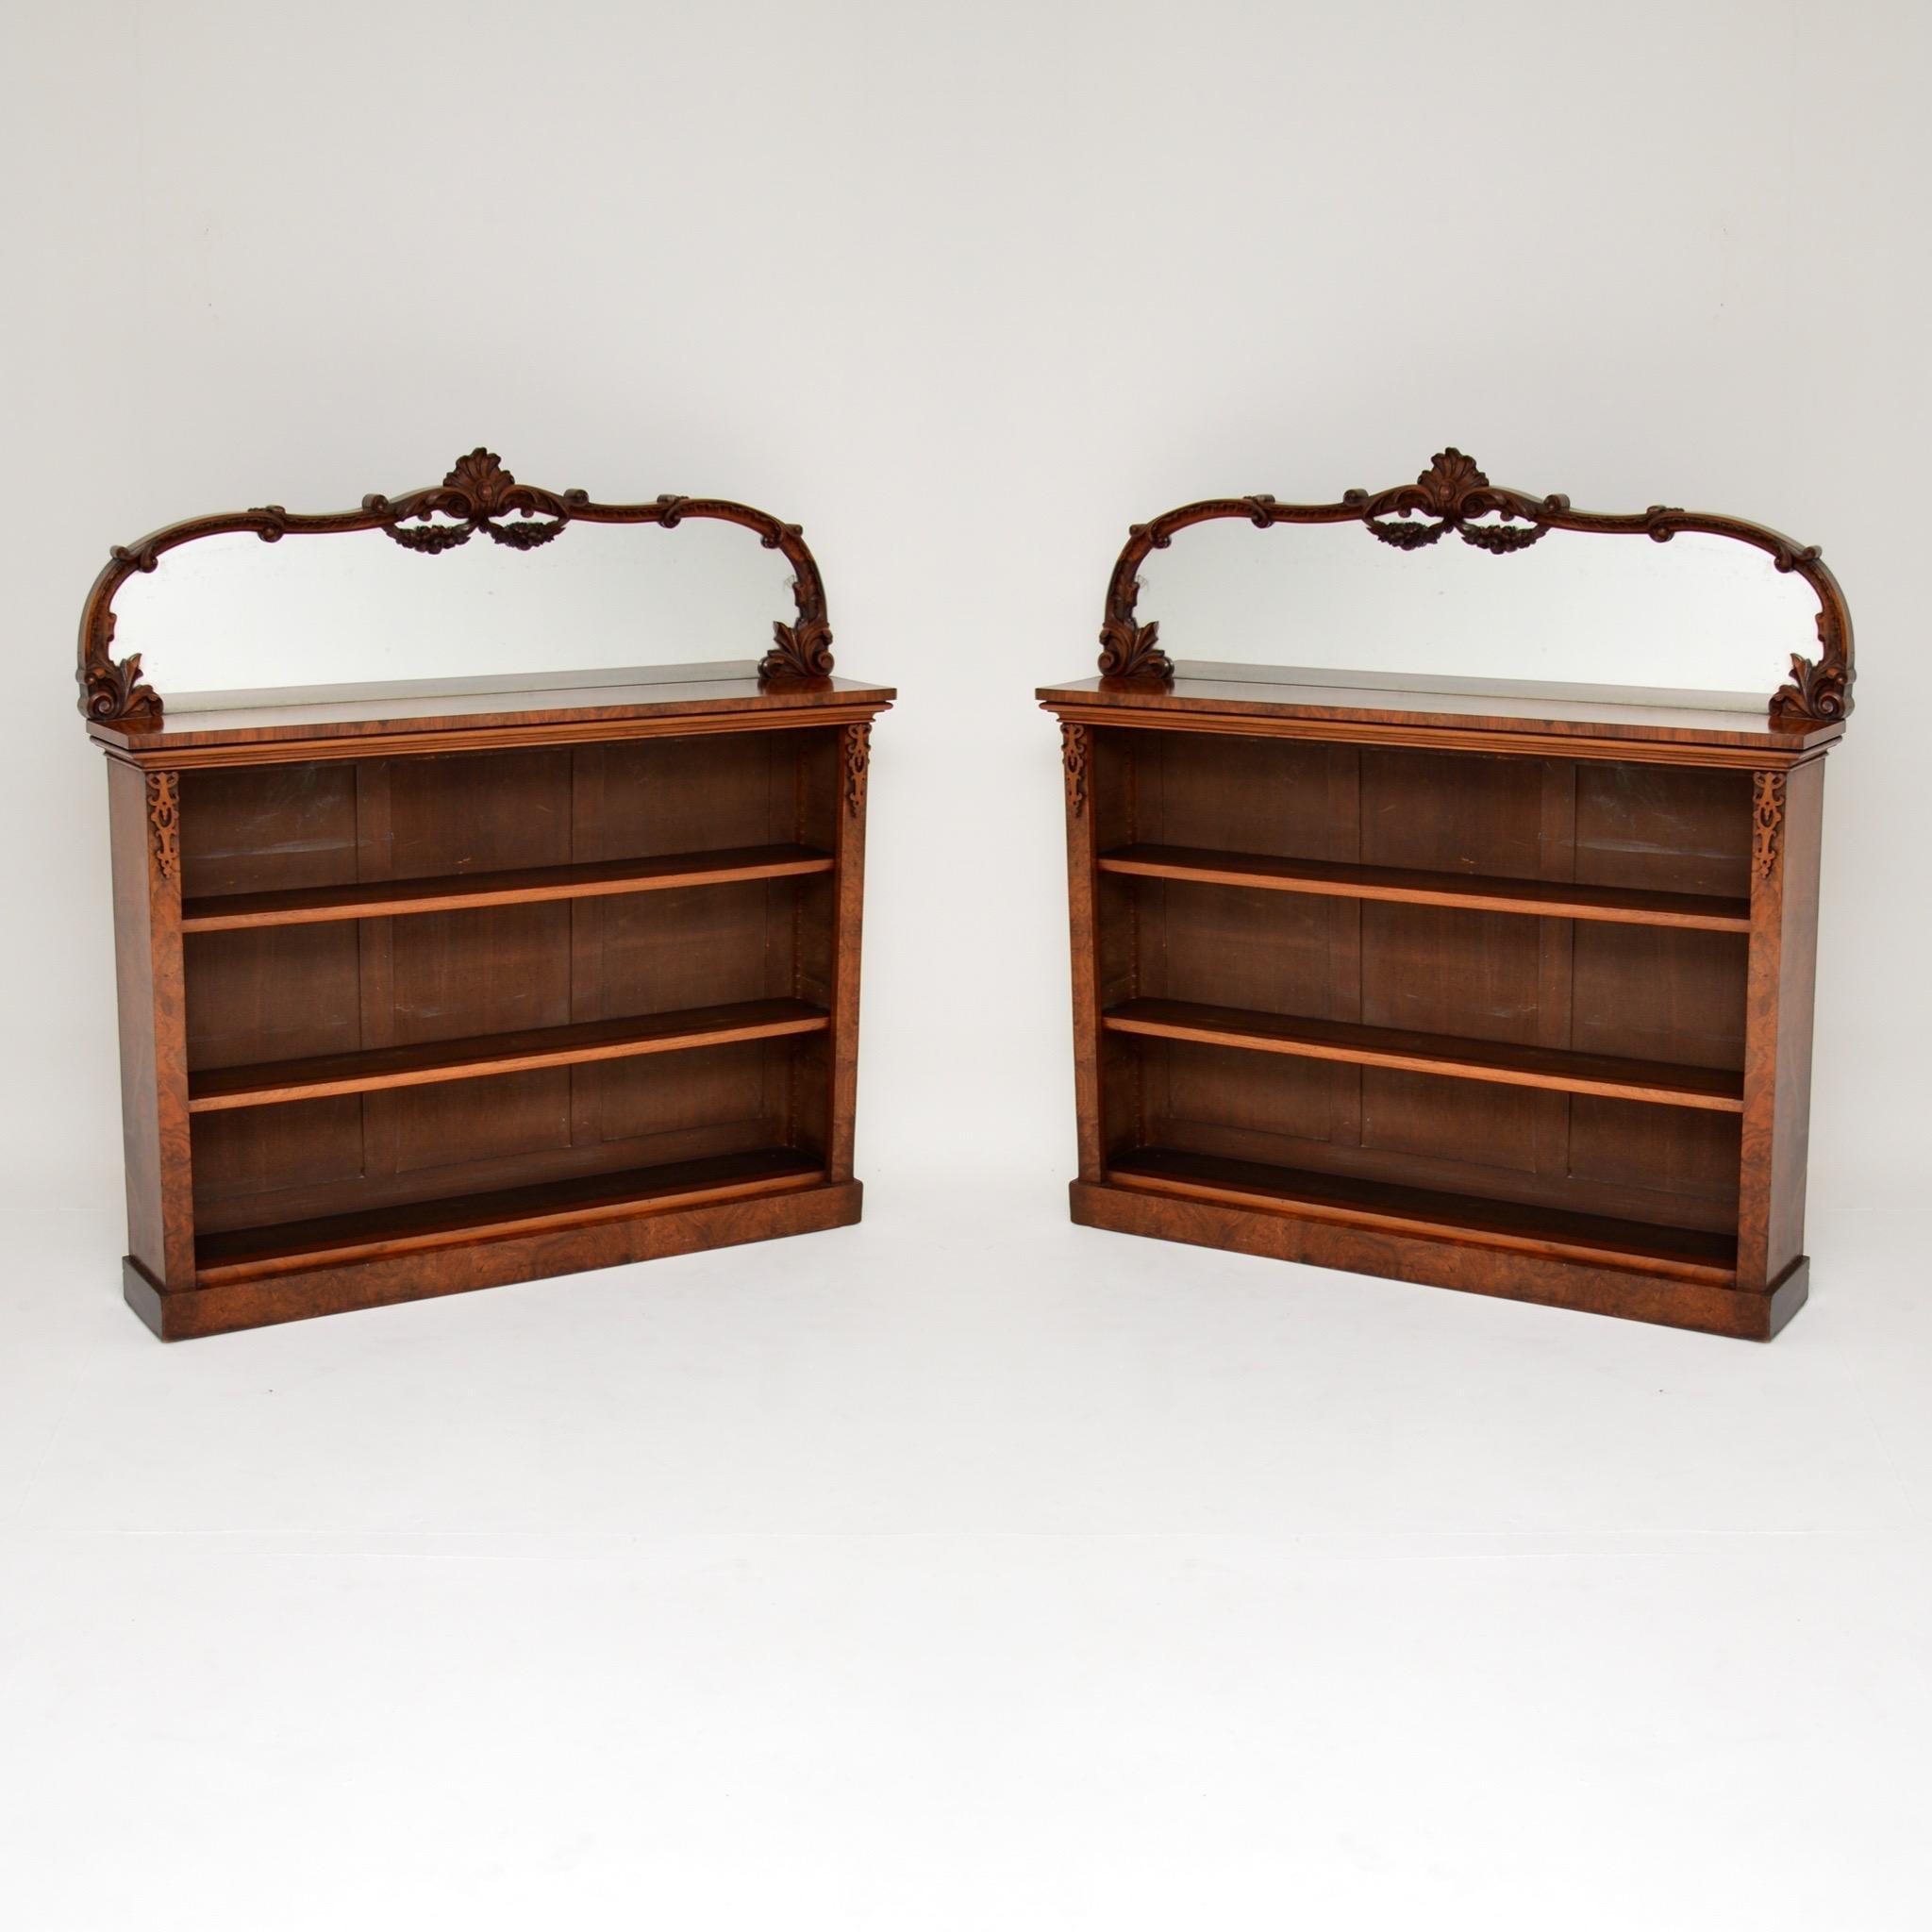 pair of antique victorian burr walnut bookcases